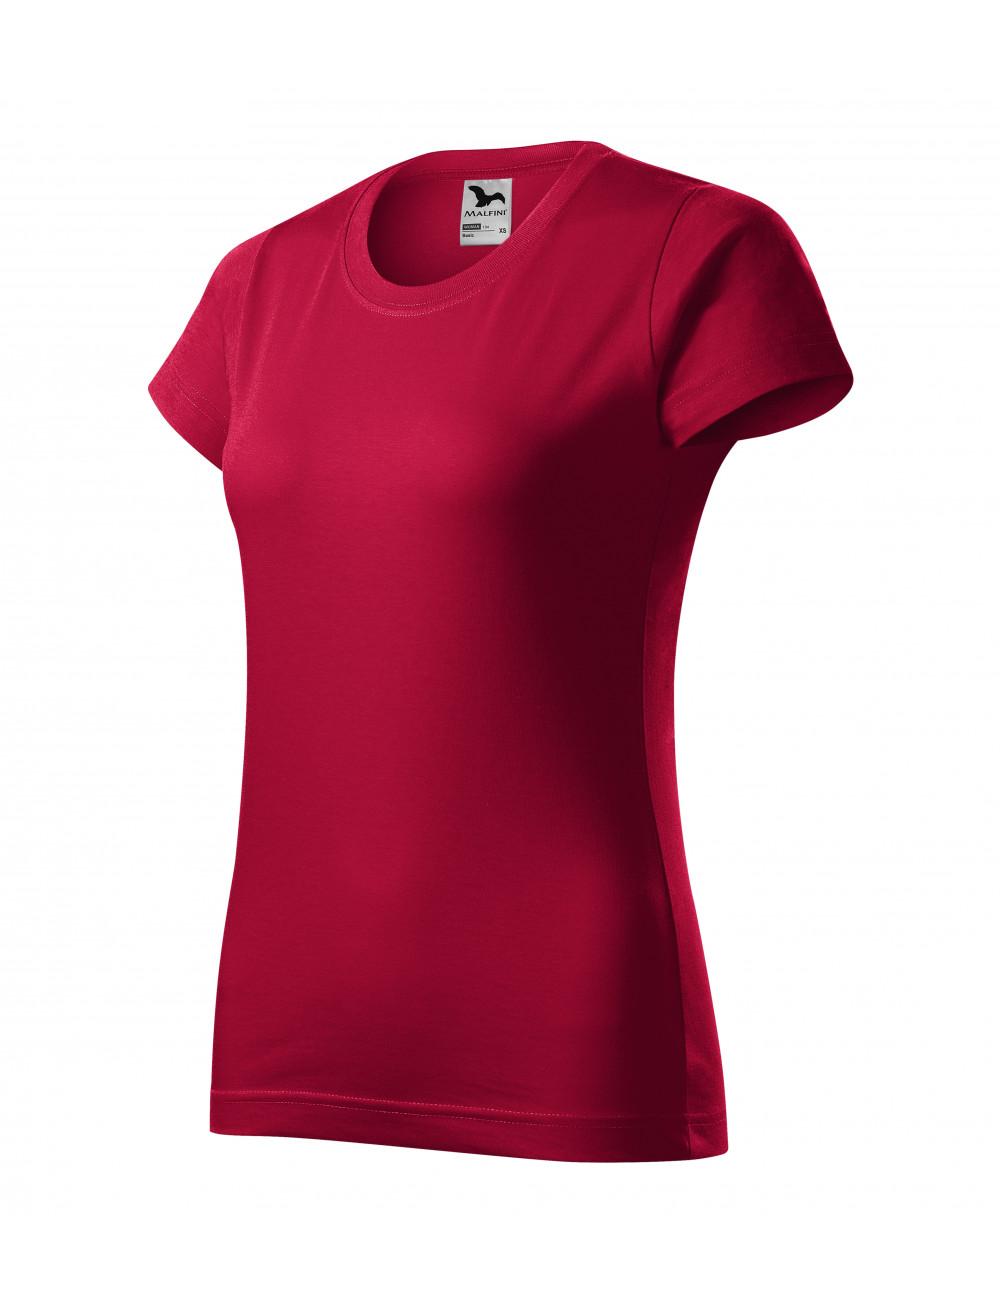 Adler MALFINI Koszulka damska Basic 134 marlboro czerwony